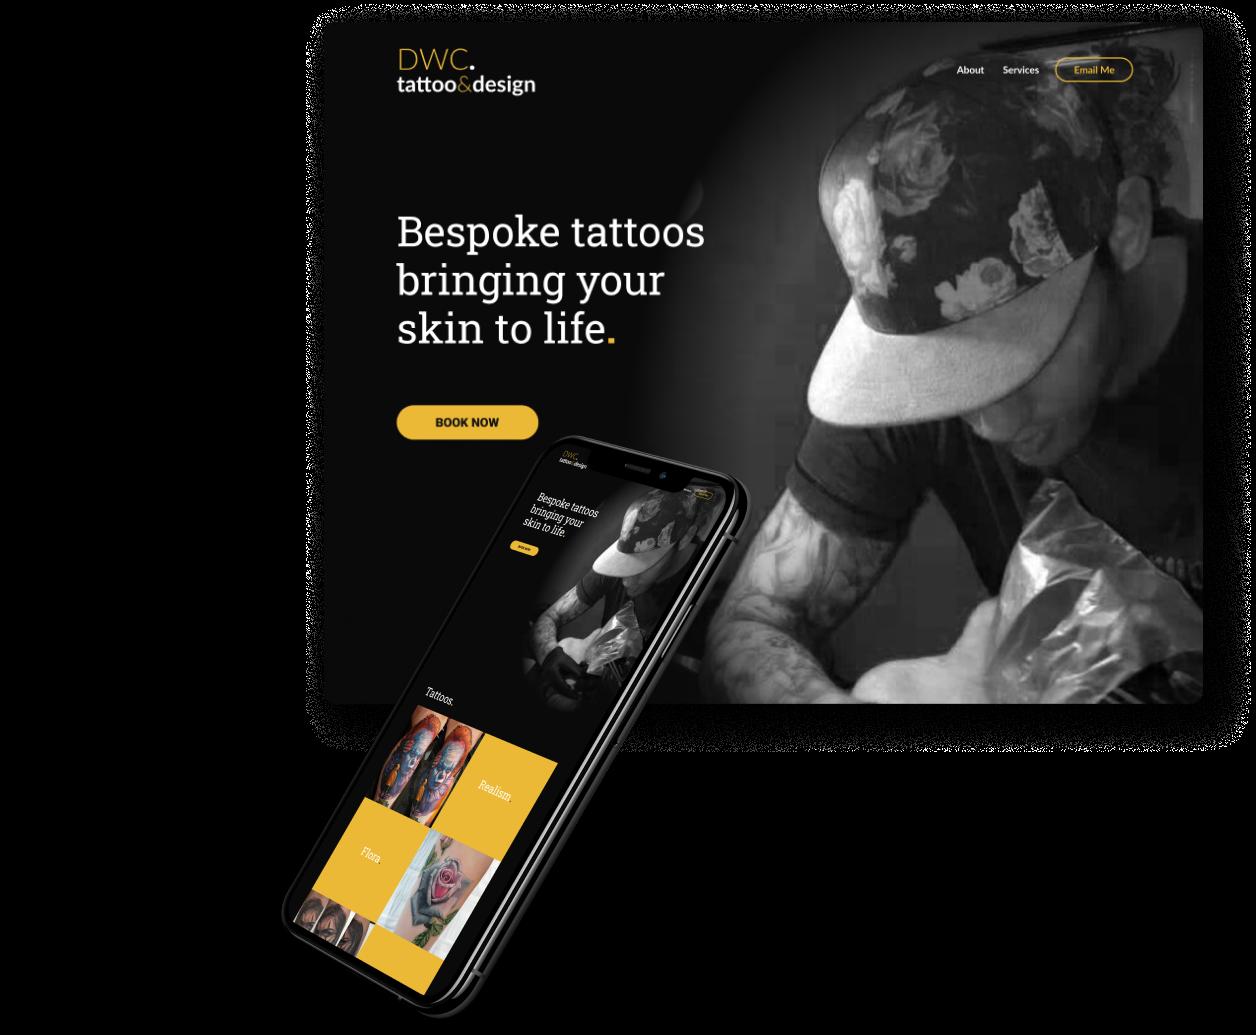 Sean Clayton design portfolio DWC tattoo